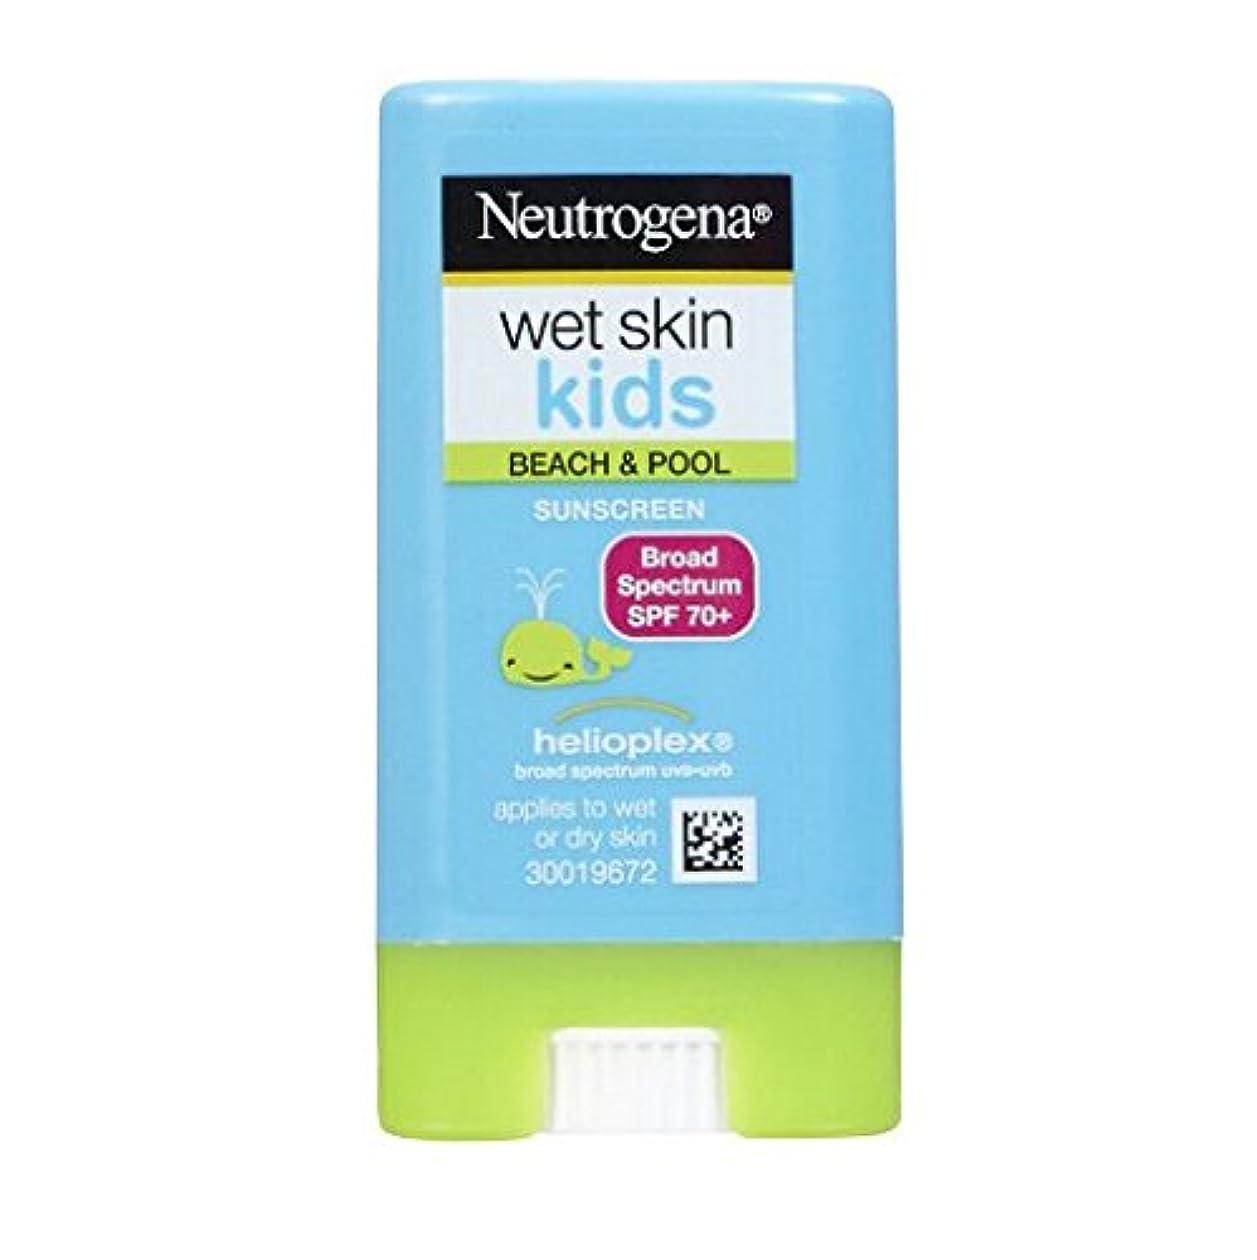 反発繁栄顎ニュートロジーナ サンスクリーン SPF70 小さな子にも塗りやすいスティックタイプ13g 100%ナチュラル処方 目にしみない日焼け止め 濡れた肌にもOK! ビーチやプールで大活躍 アメリカの皮膚科医が一番に勧めるサンスクリーン Neutrogena Wet Skin Kids Beach & Pool Sunscreen Stick Broad Spectrum SPF 70, .47 oz [並行輸入品]